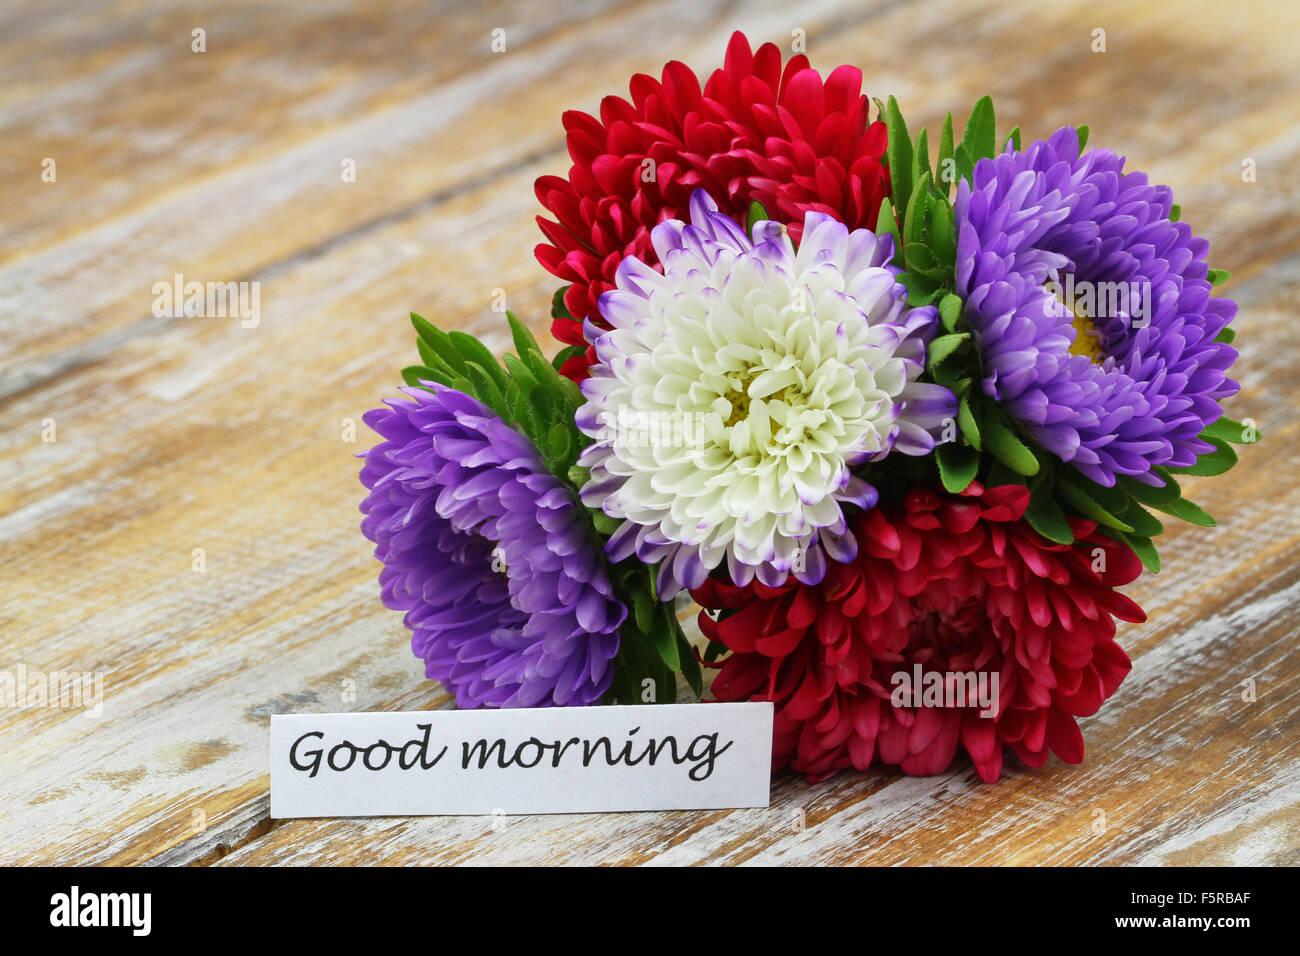 Guten Morgen Karte Mit Bunten Blumenstrauß Auf Rustikalen